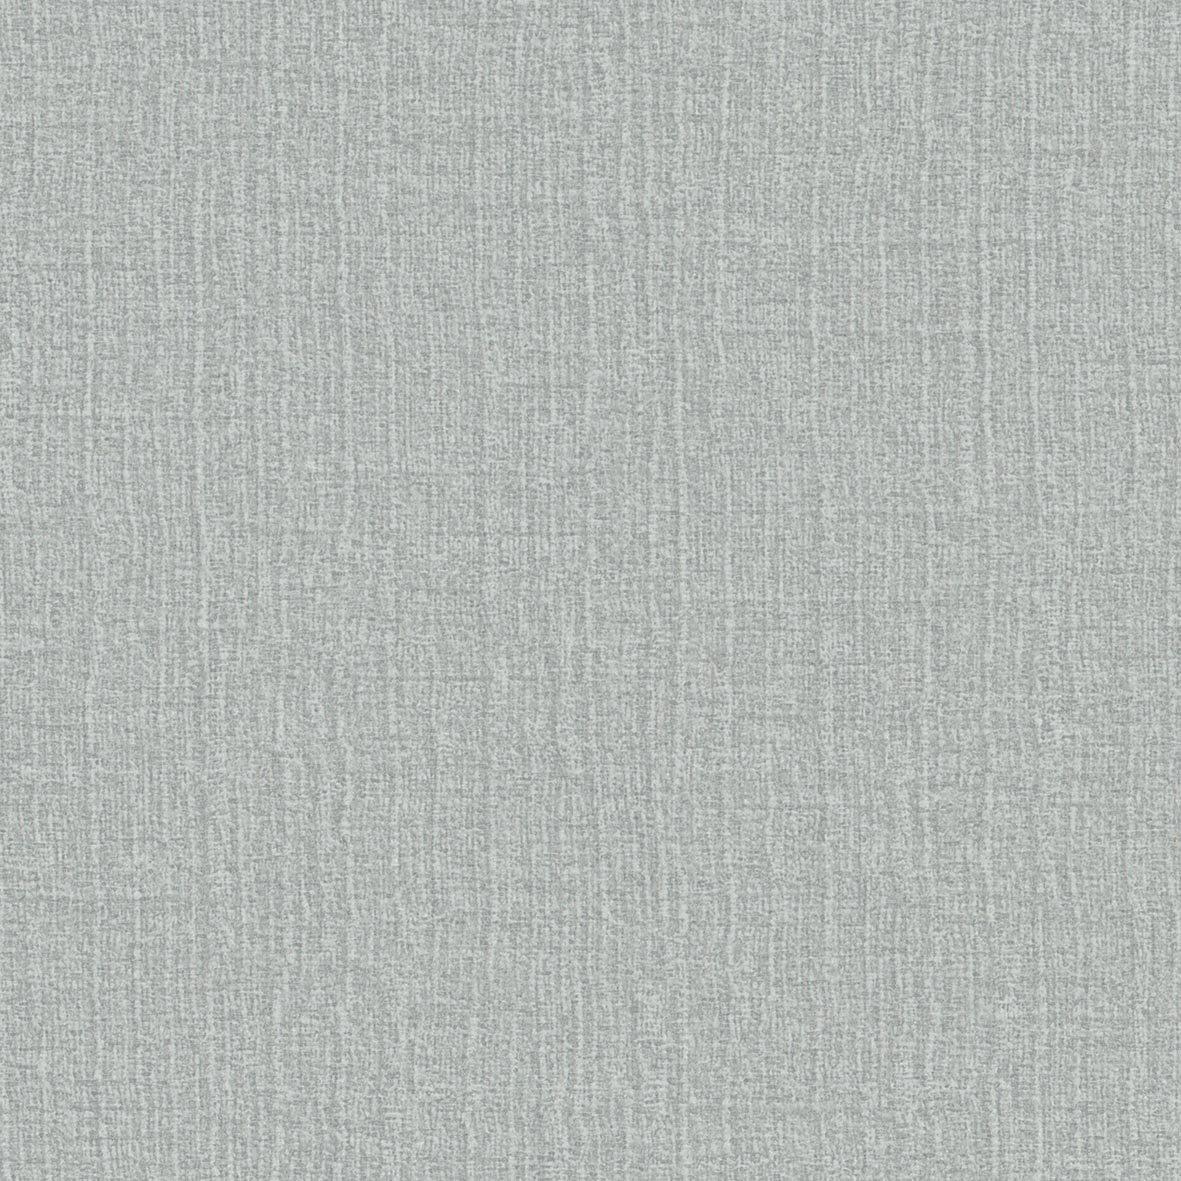 リリカラ 壁紙50m モダン 和紙調 グレー 撥水トップコートComfort Selection-消臭- LW-2064 B075ZYJ3D1 50m グレー1